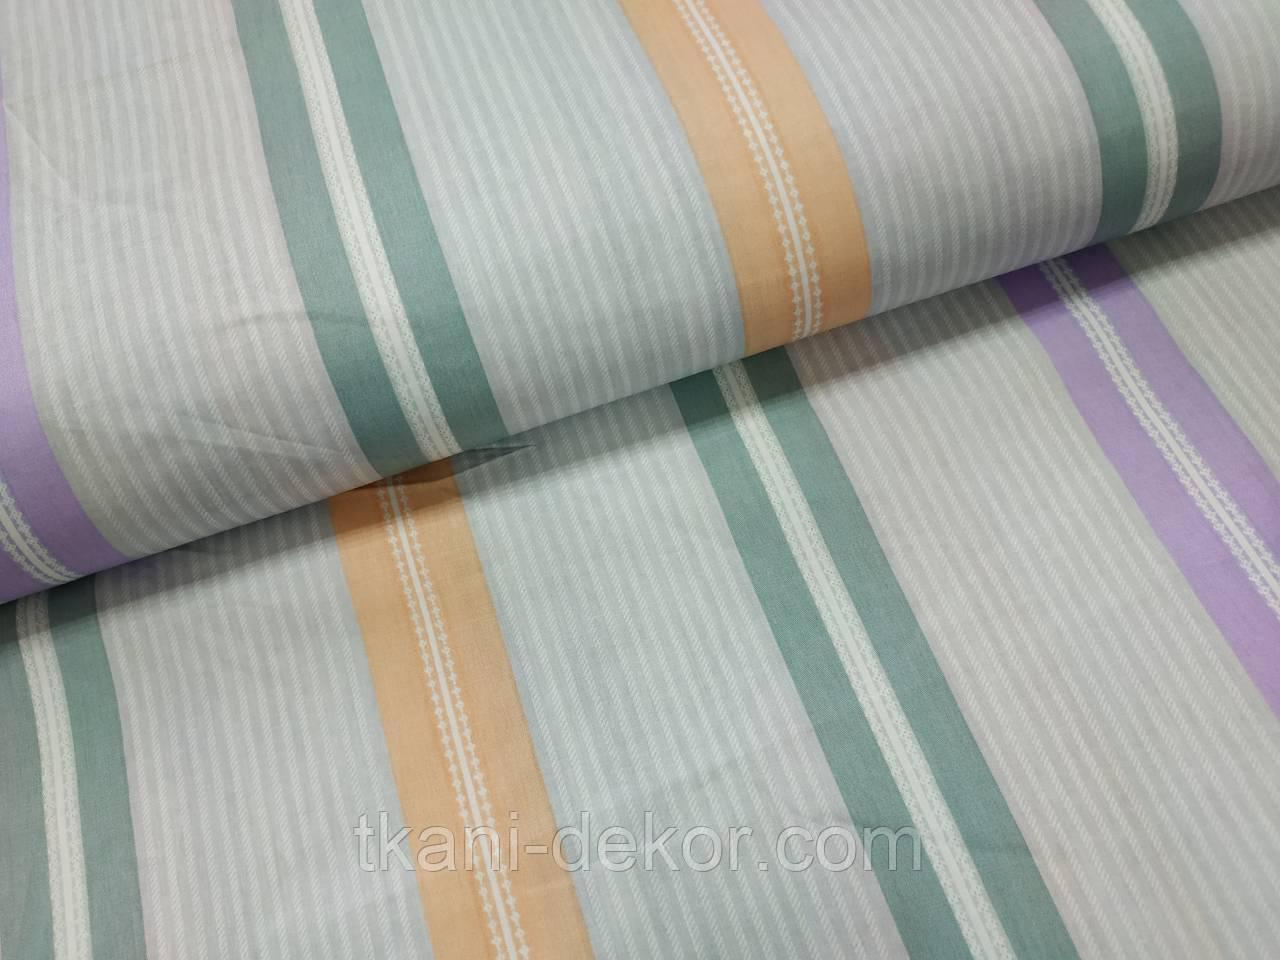 Сатин (бавовняна тканина) велика кольорова смужка (компаньйон до піоновідної розі) (50*160)